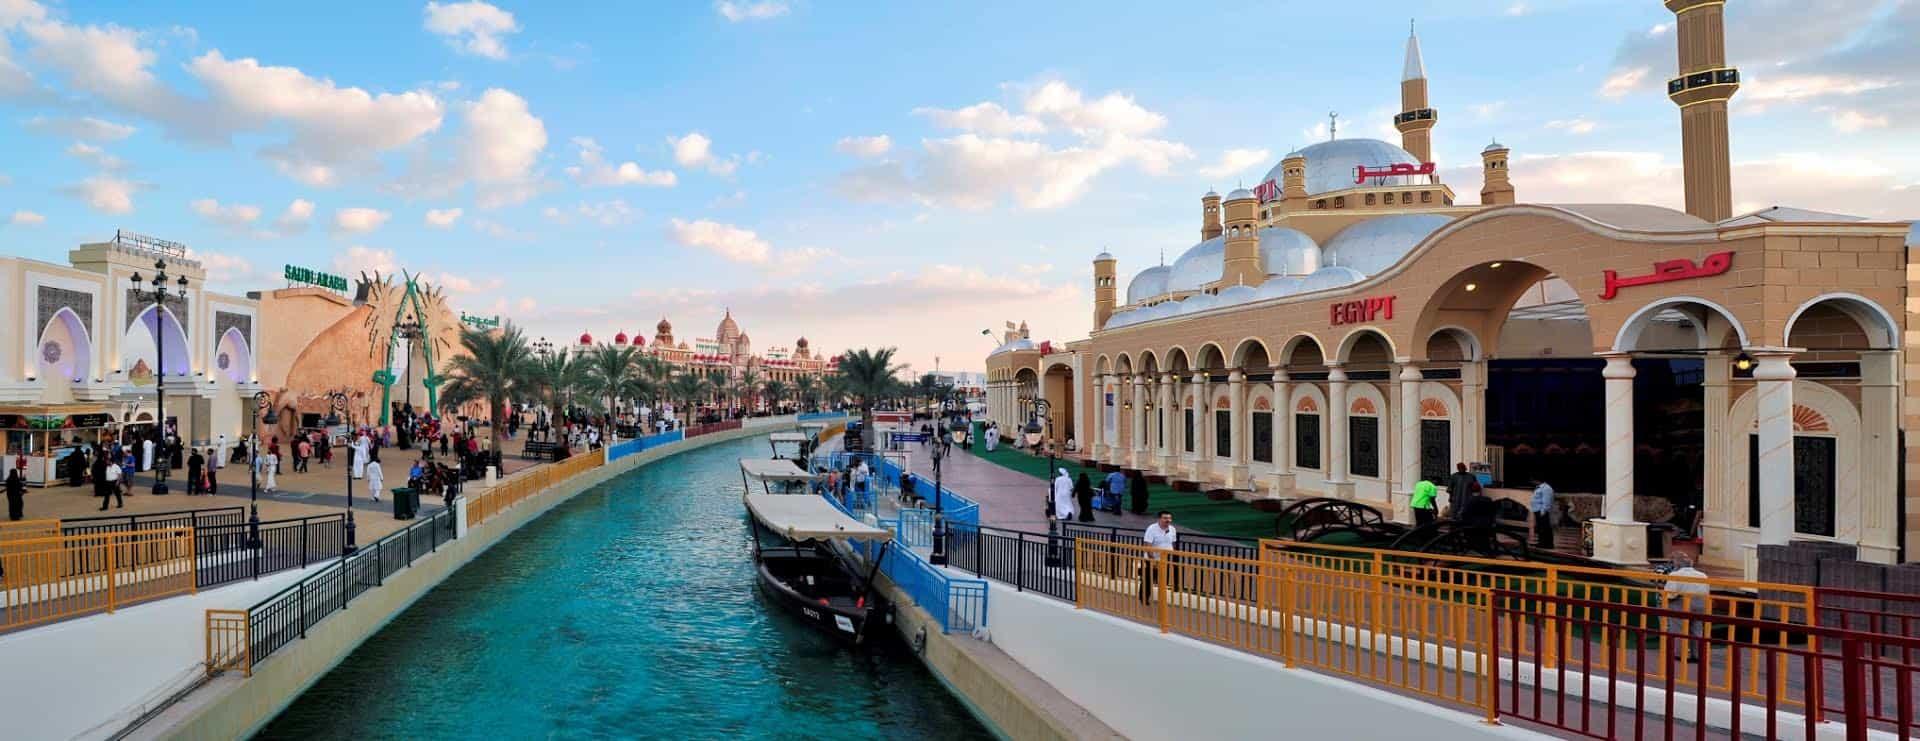 القرية العالمية في دبي : خدمات فاخرة